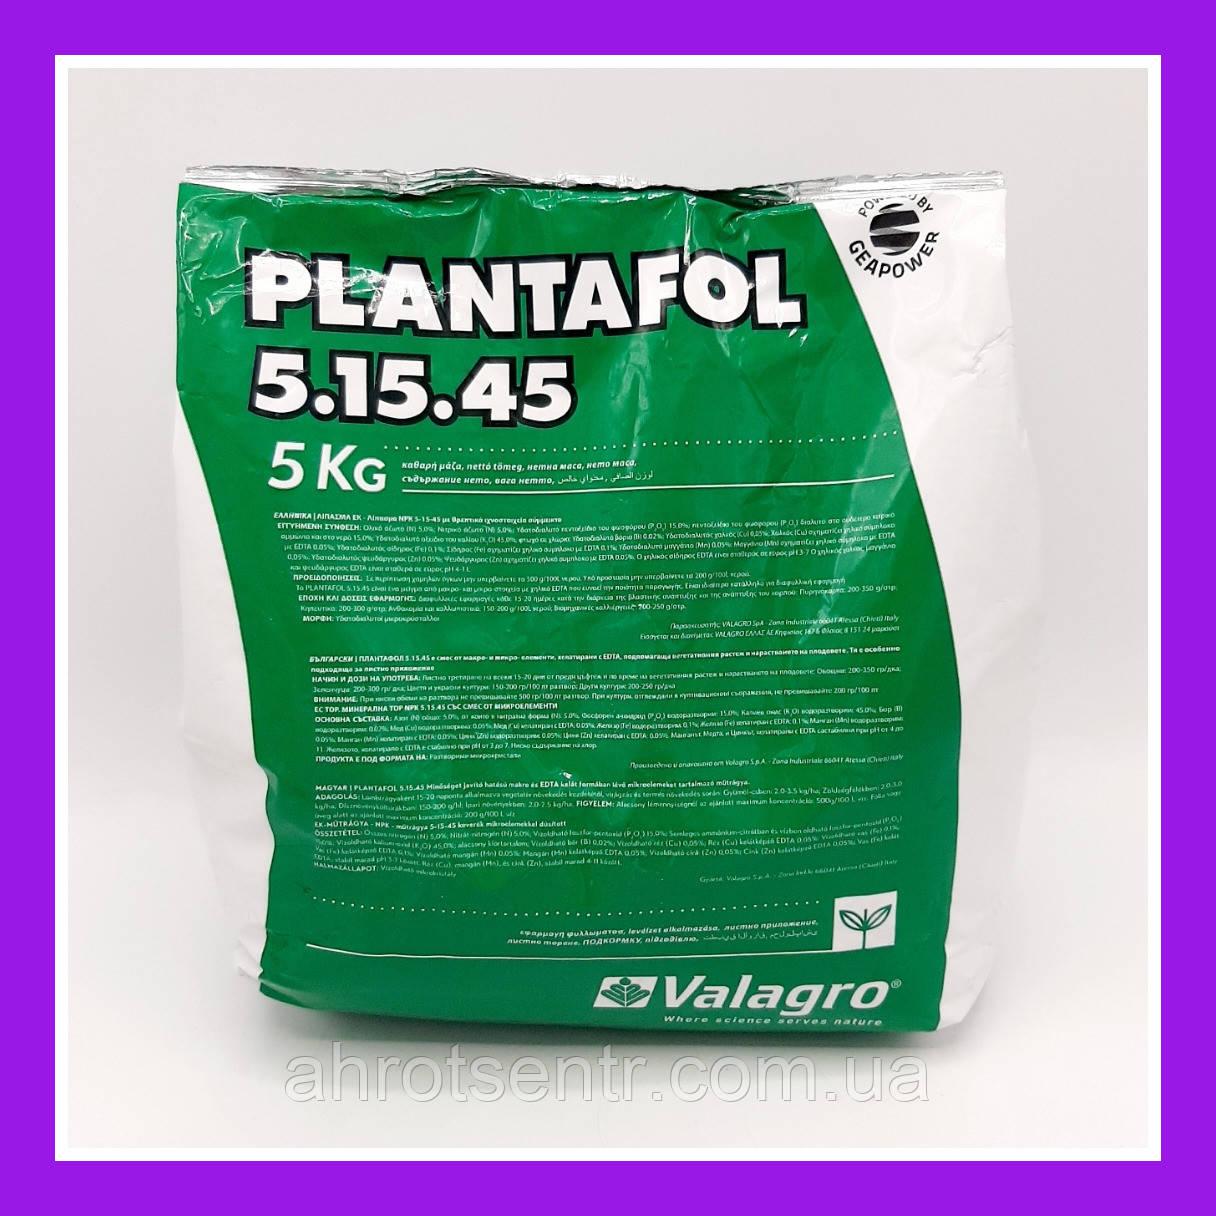 Комплексное удобрение ПЛАНТАФОЛ / Plantafol 5+15+45 5 кг Valagro Валагро